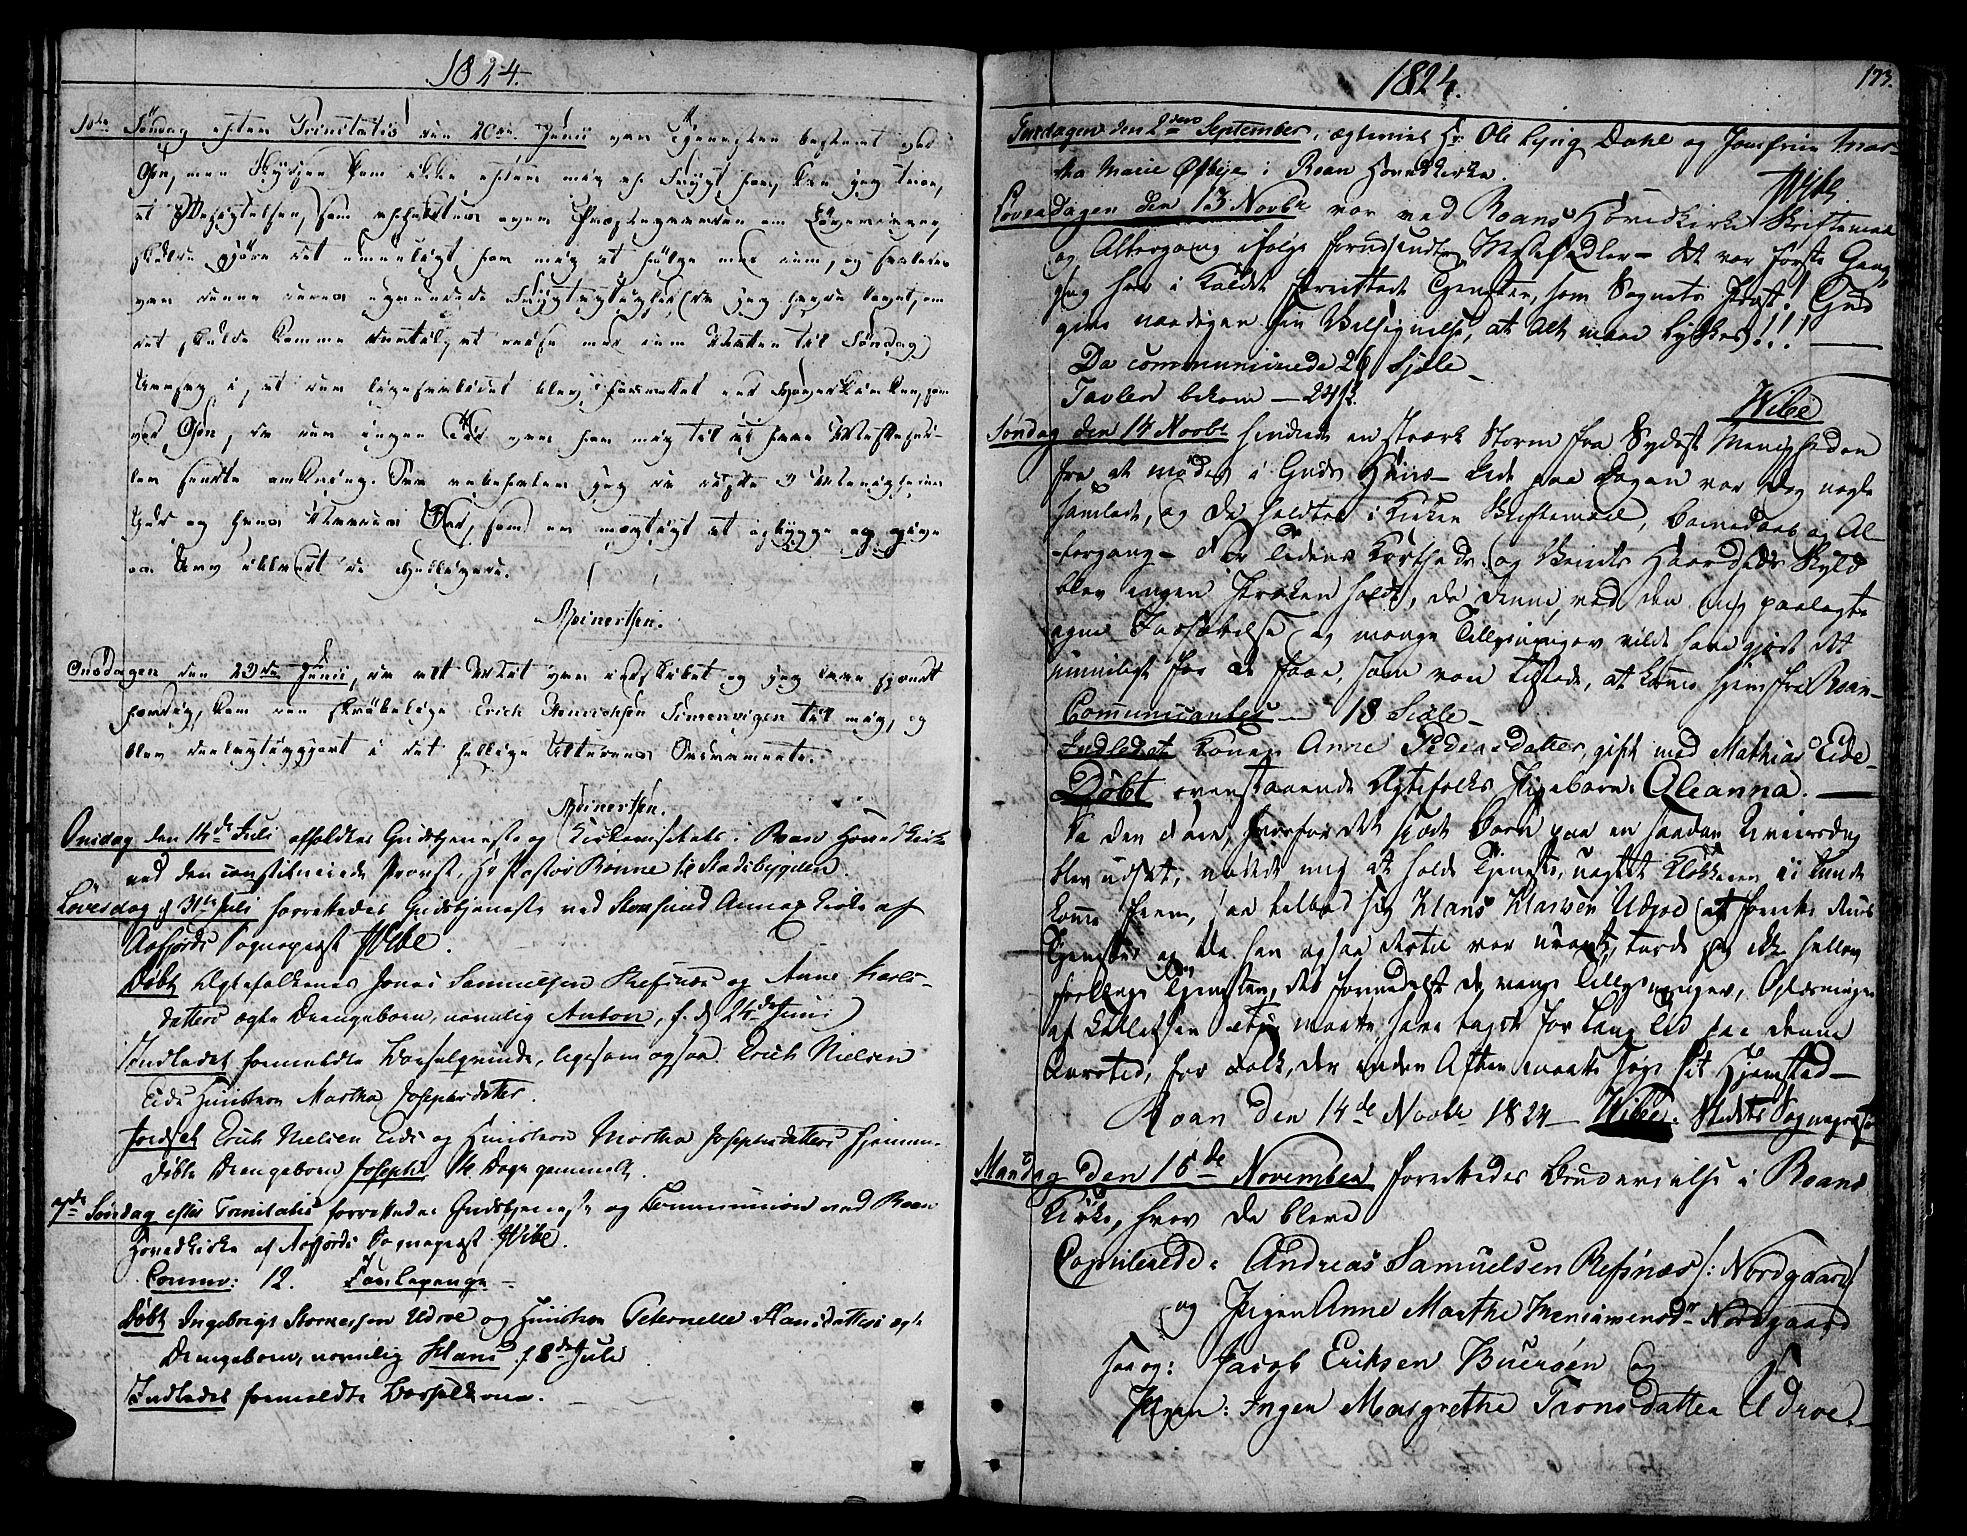 SAT, Ministerialprotokoller, klokkerbøker og fødselsregistre - Sør-Trøndelag, 657/L0701: Ministerialbok nr. 657A02, 1802-1831, s. 173